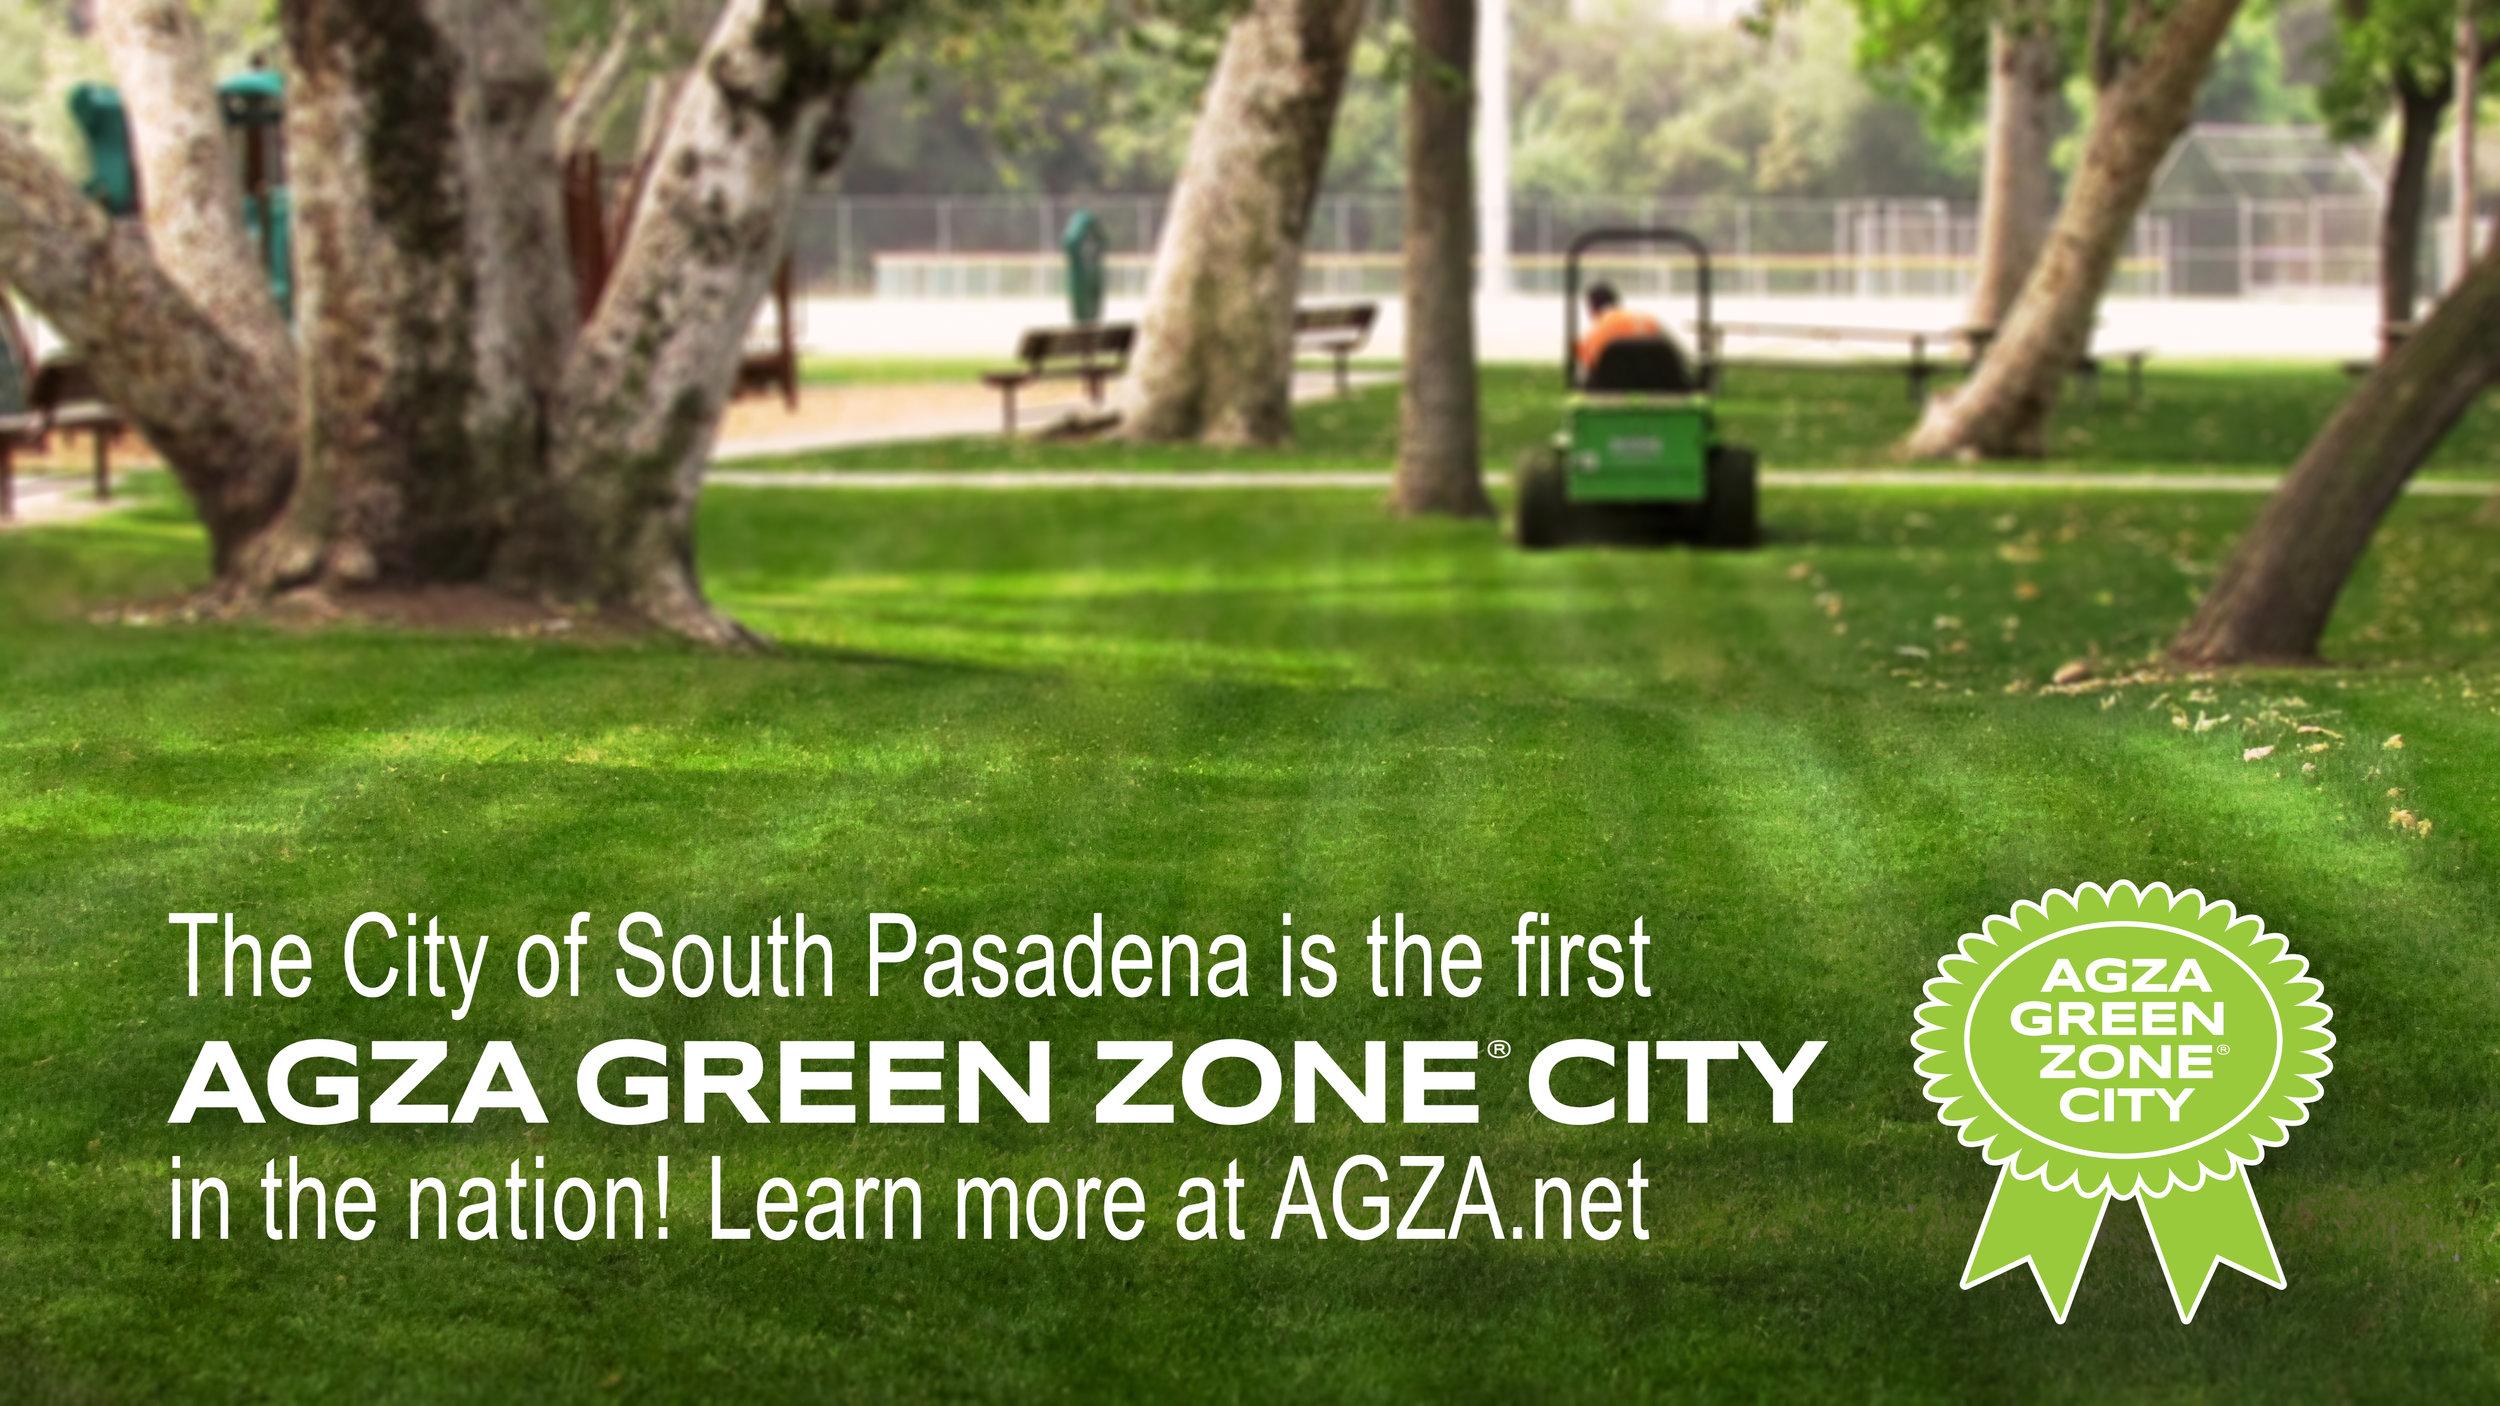 AGZA_Green_Zone_City_4500.jpg